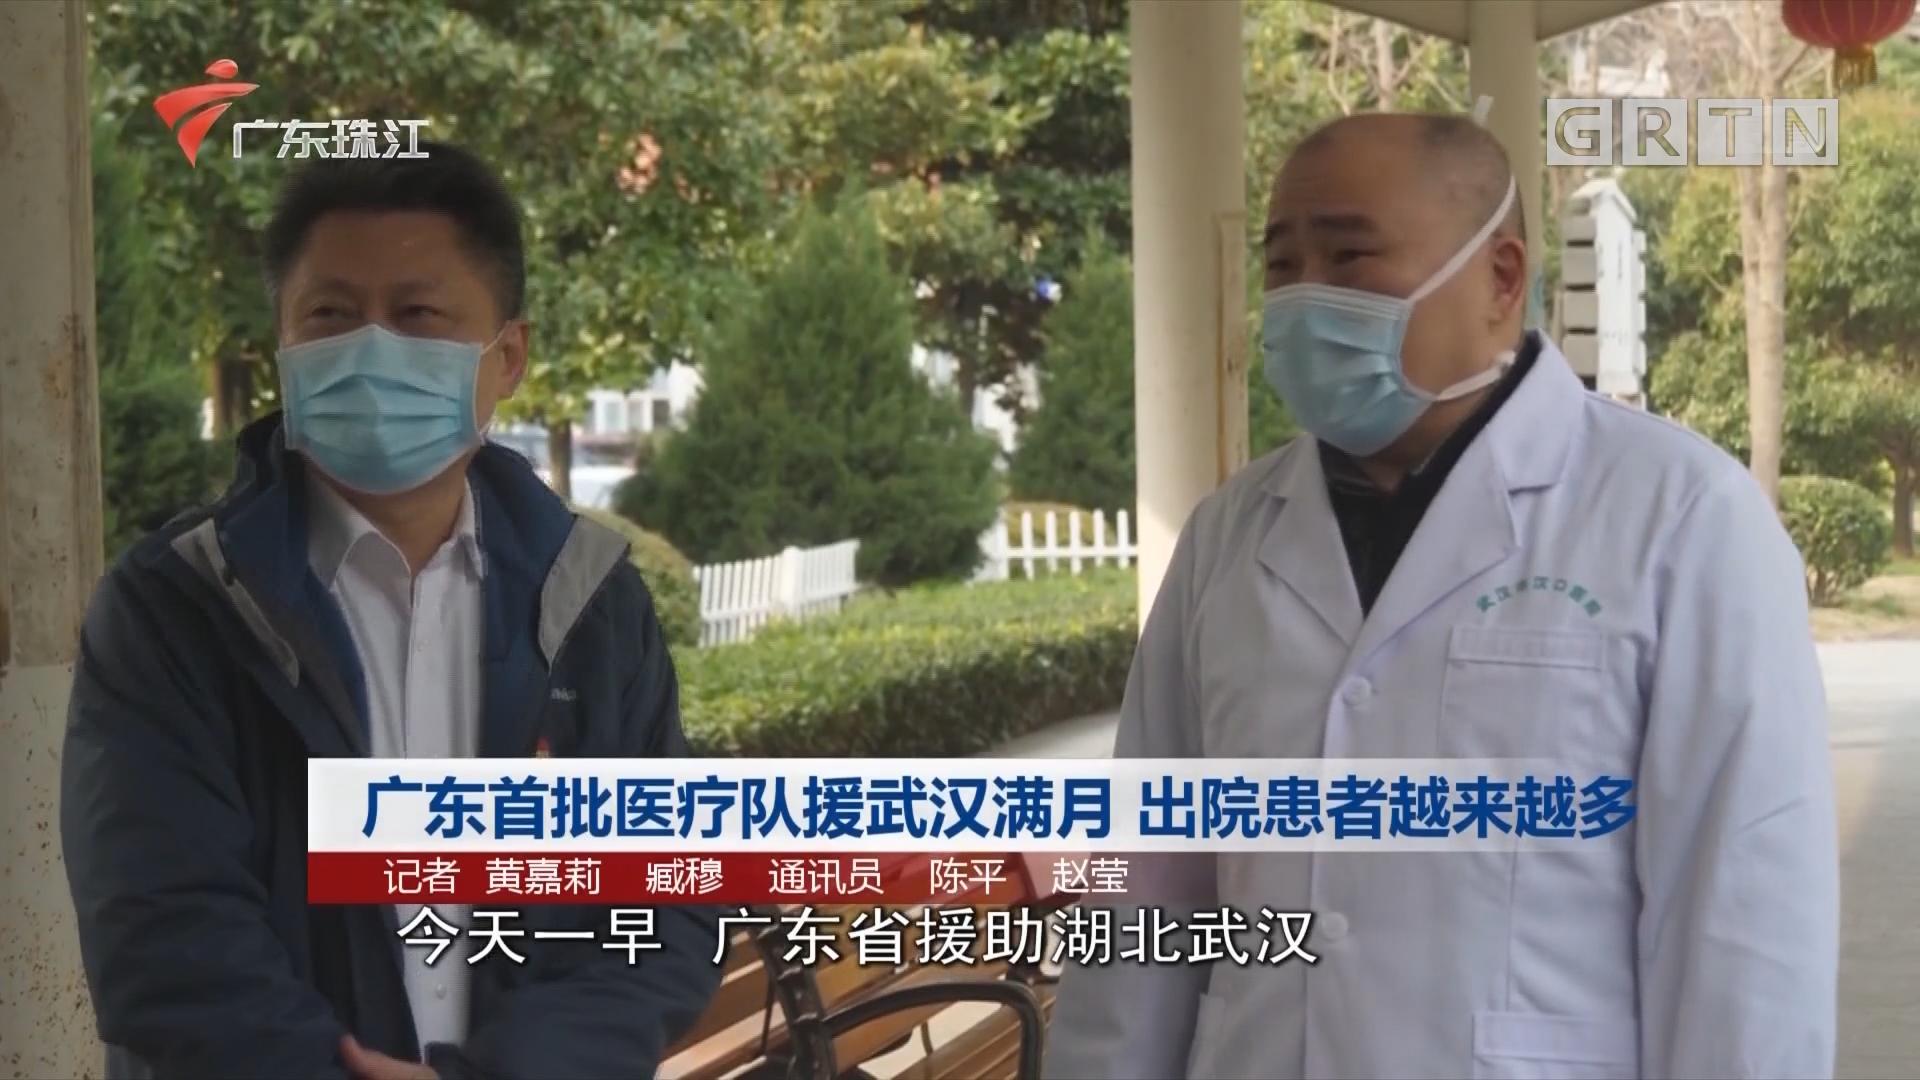 广东首批医疗队援武汉满月 出院患者越来越多